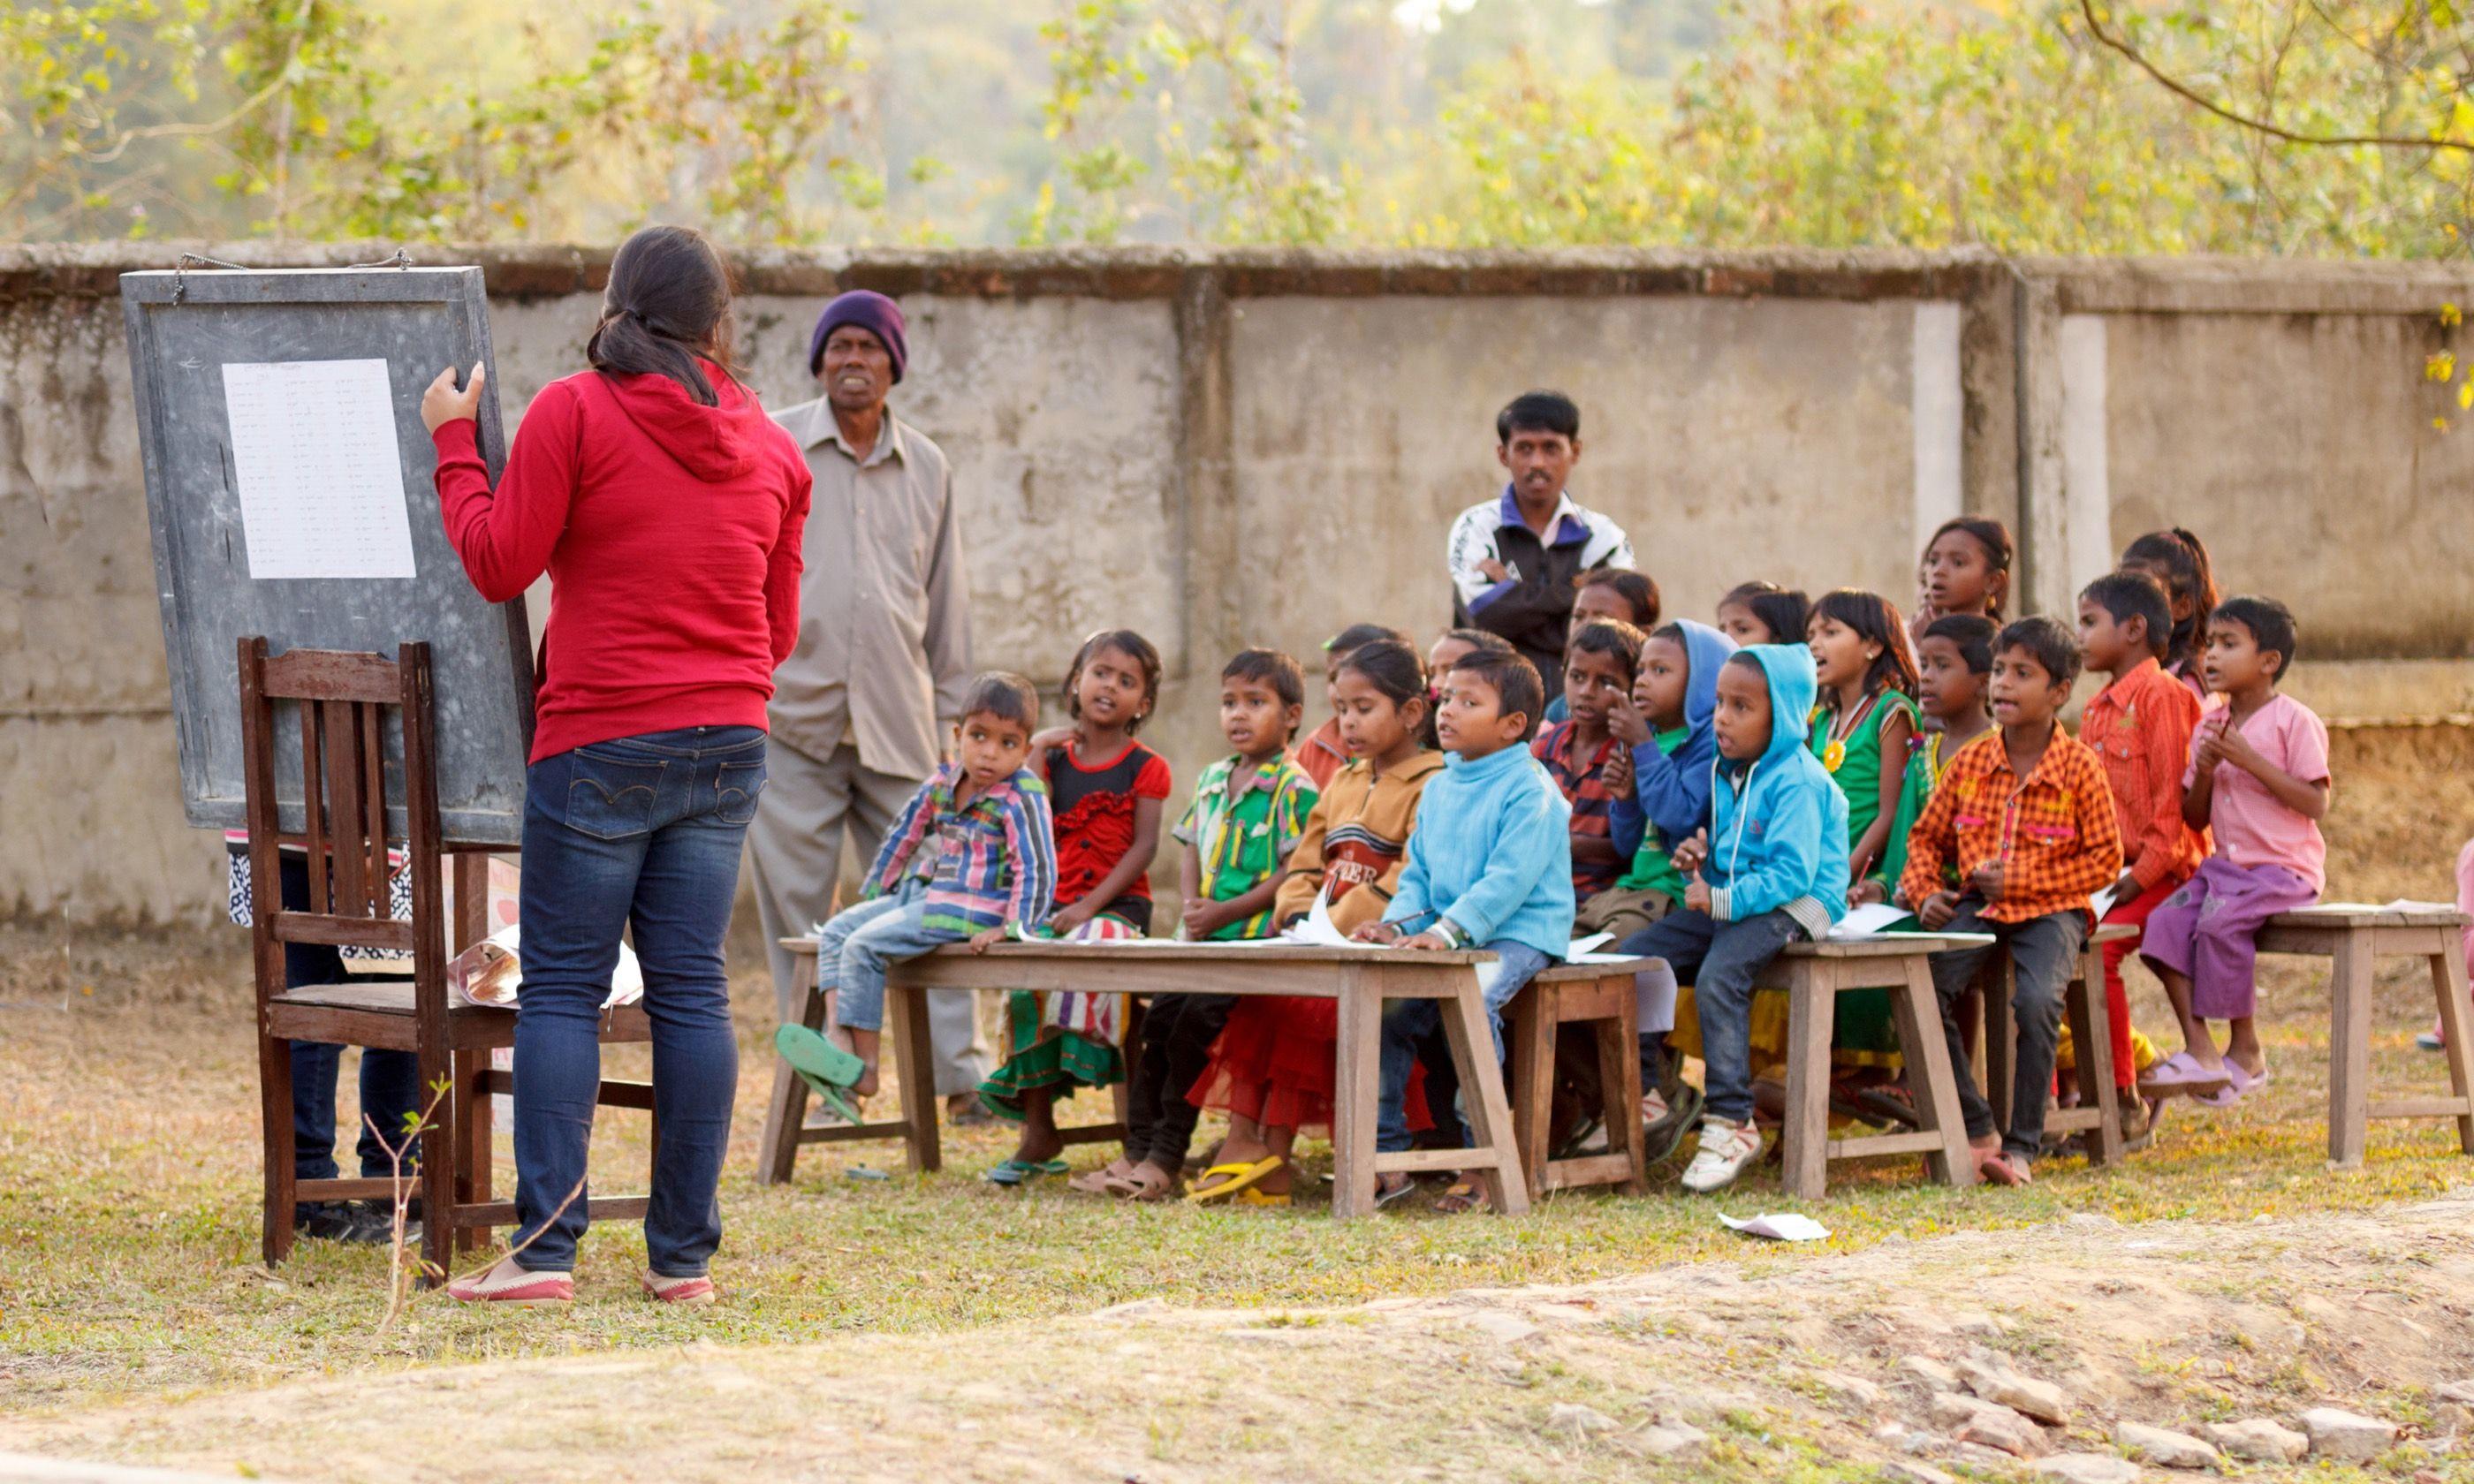 Teaching kids in India (Dreamstime)